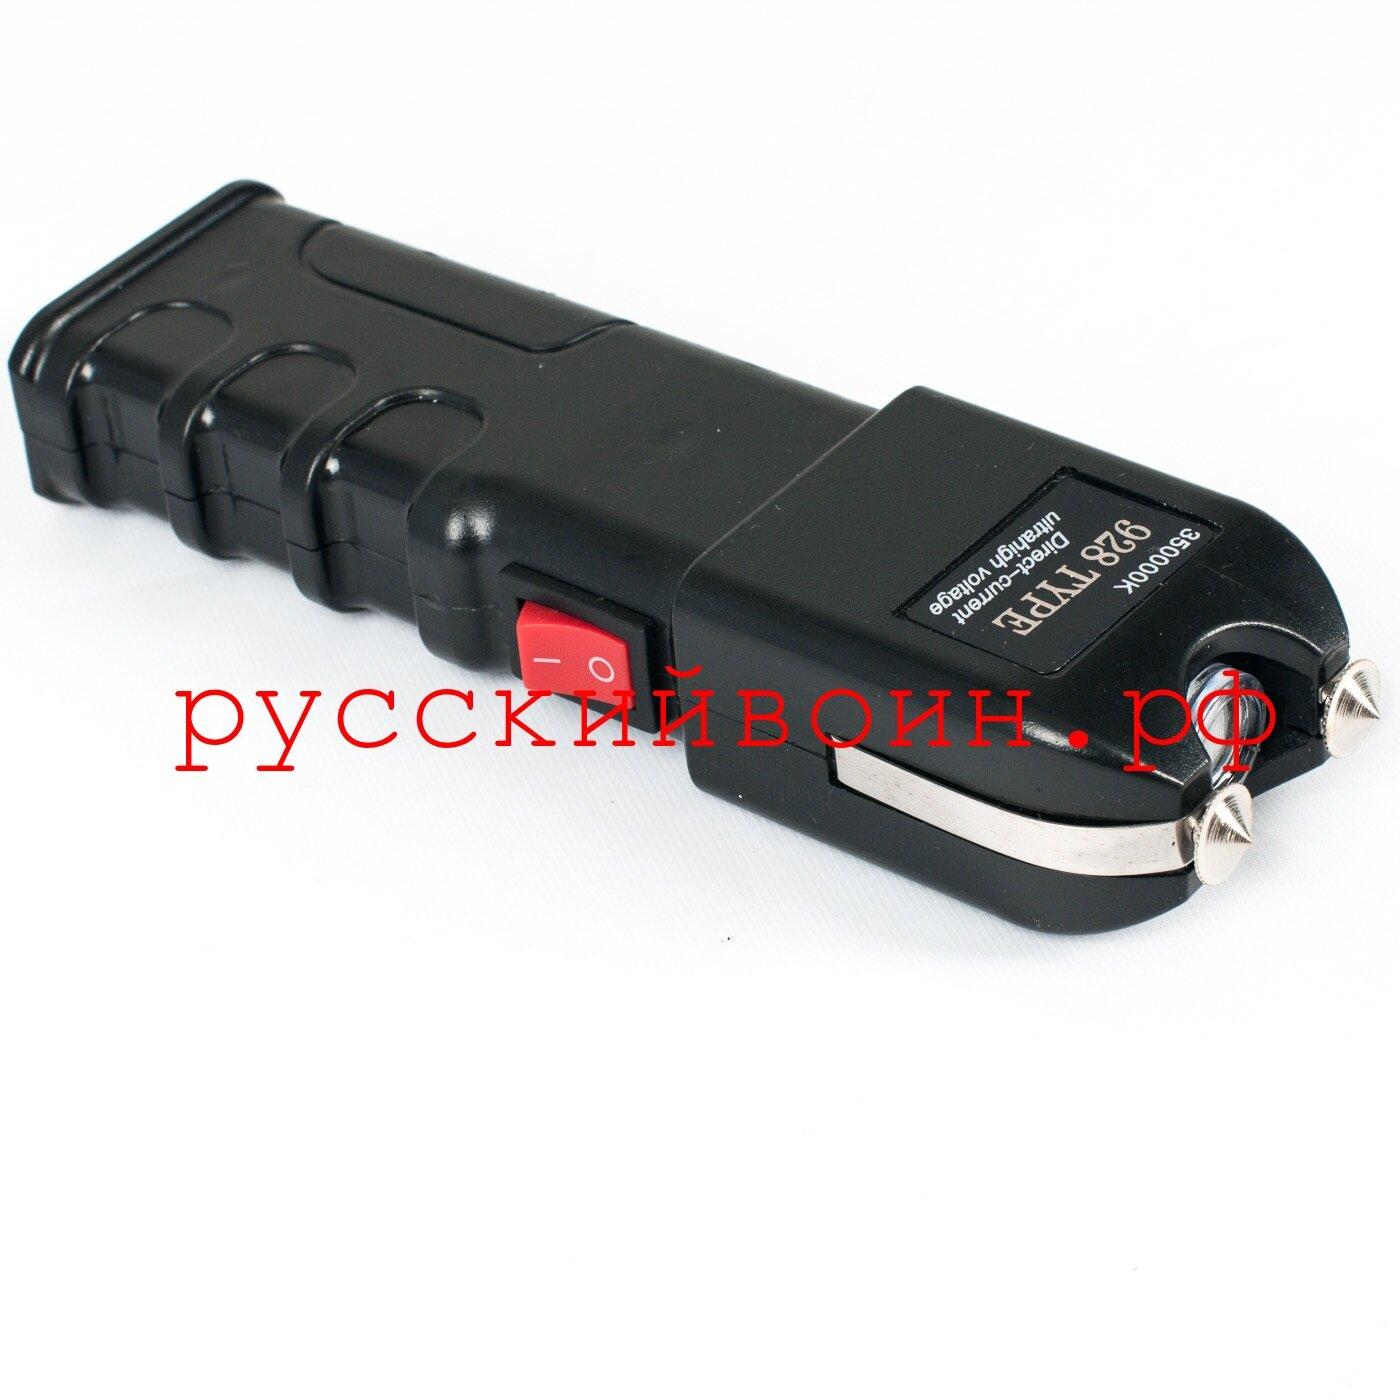 Мощный электрошокер 928 Type, антизахват - фото Электрошокер 928